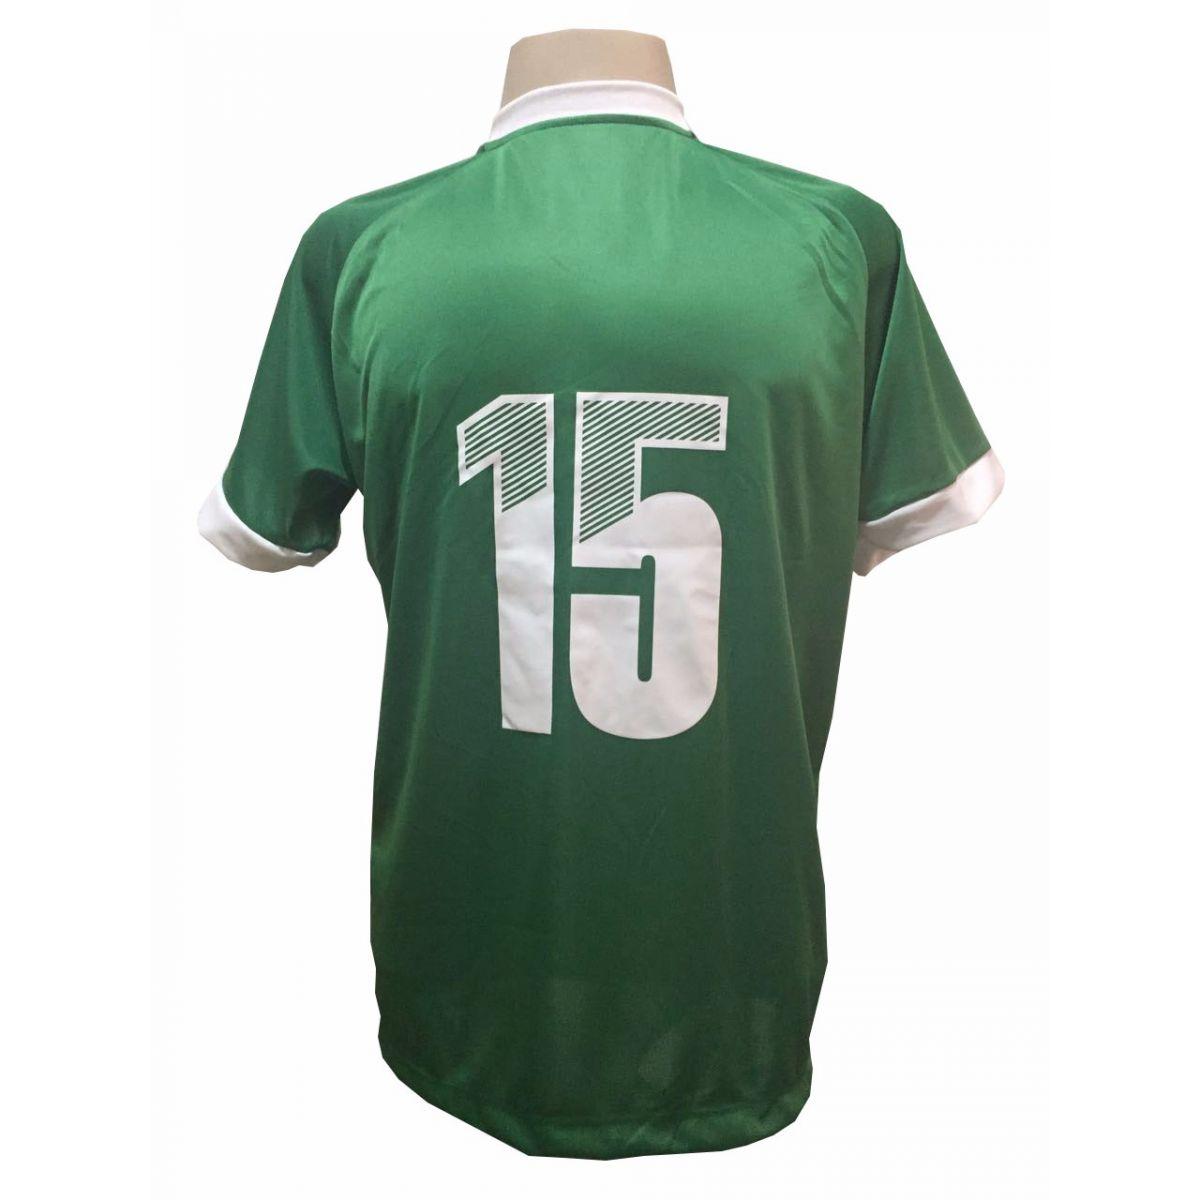 Uniforme Esportivo com 20 camisas modelo Bélgica Verde/Branco + 20 calções modelo Madrid Branco + 20 pares de meiões Branco